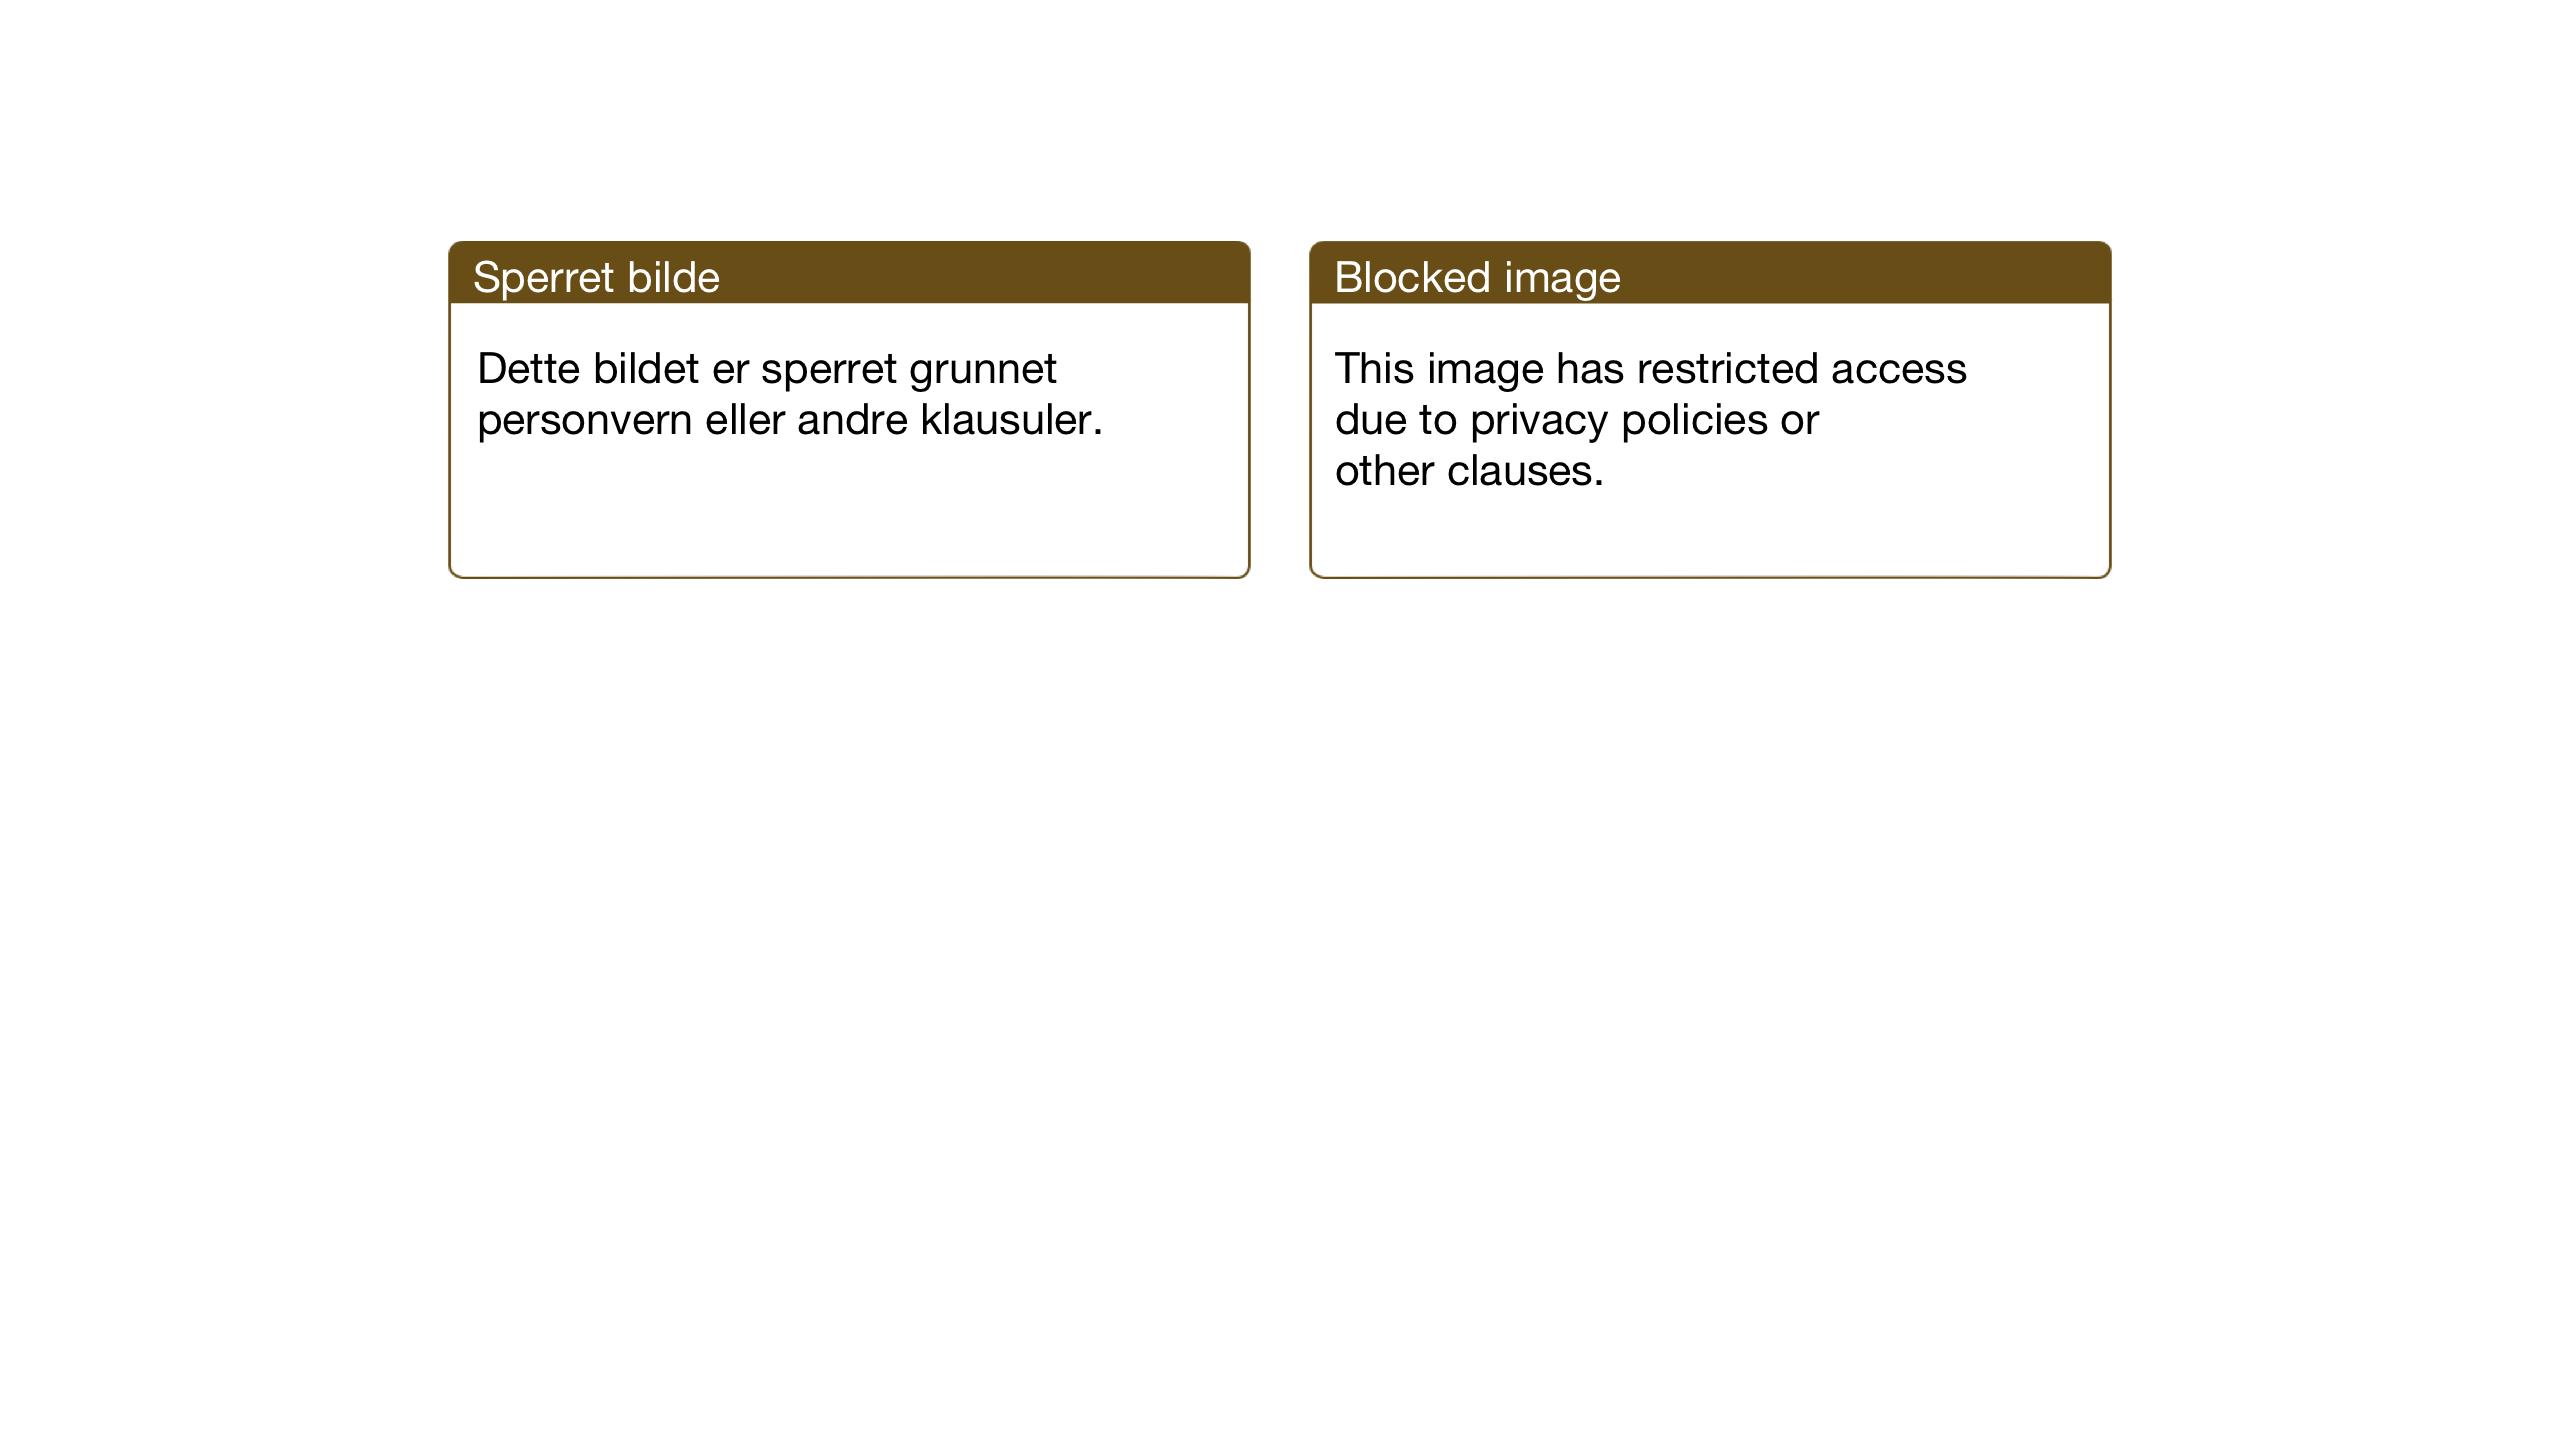 SAT, Ministerialprotokoller, klokkerbøker og fødselsregistre - Sør-Trøndelag, 682/L0947: Klokkerbok nr. 682C01, 1926-1968, s. 113